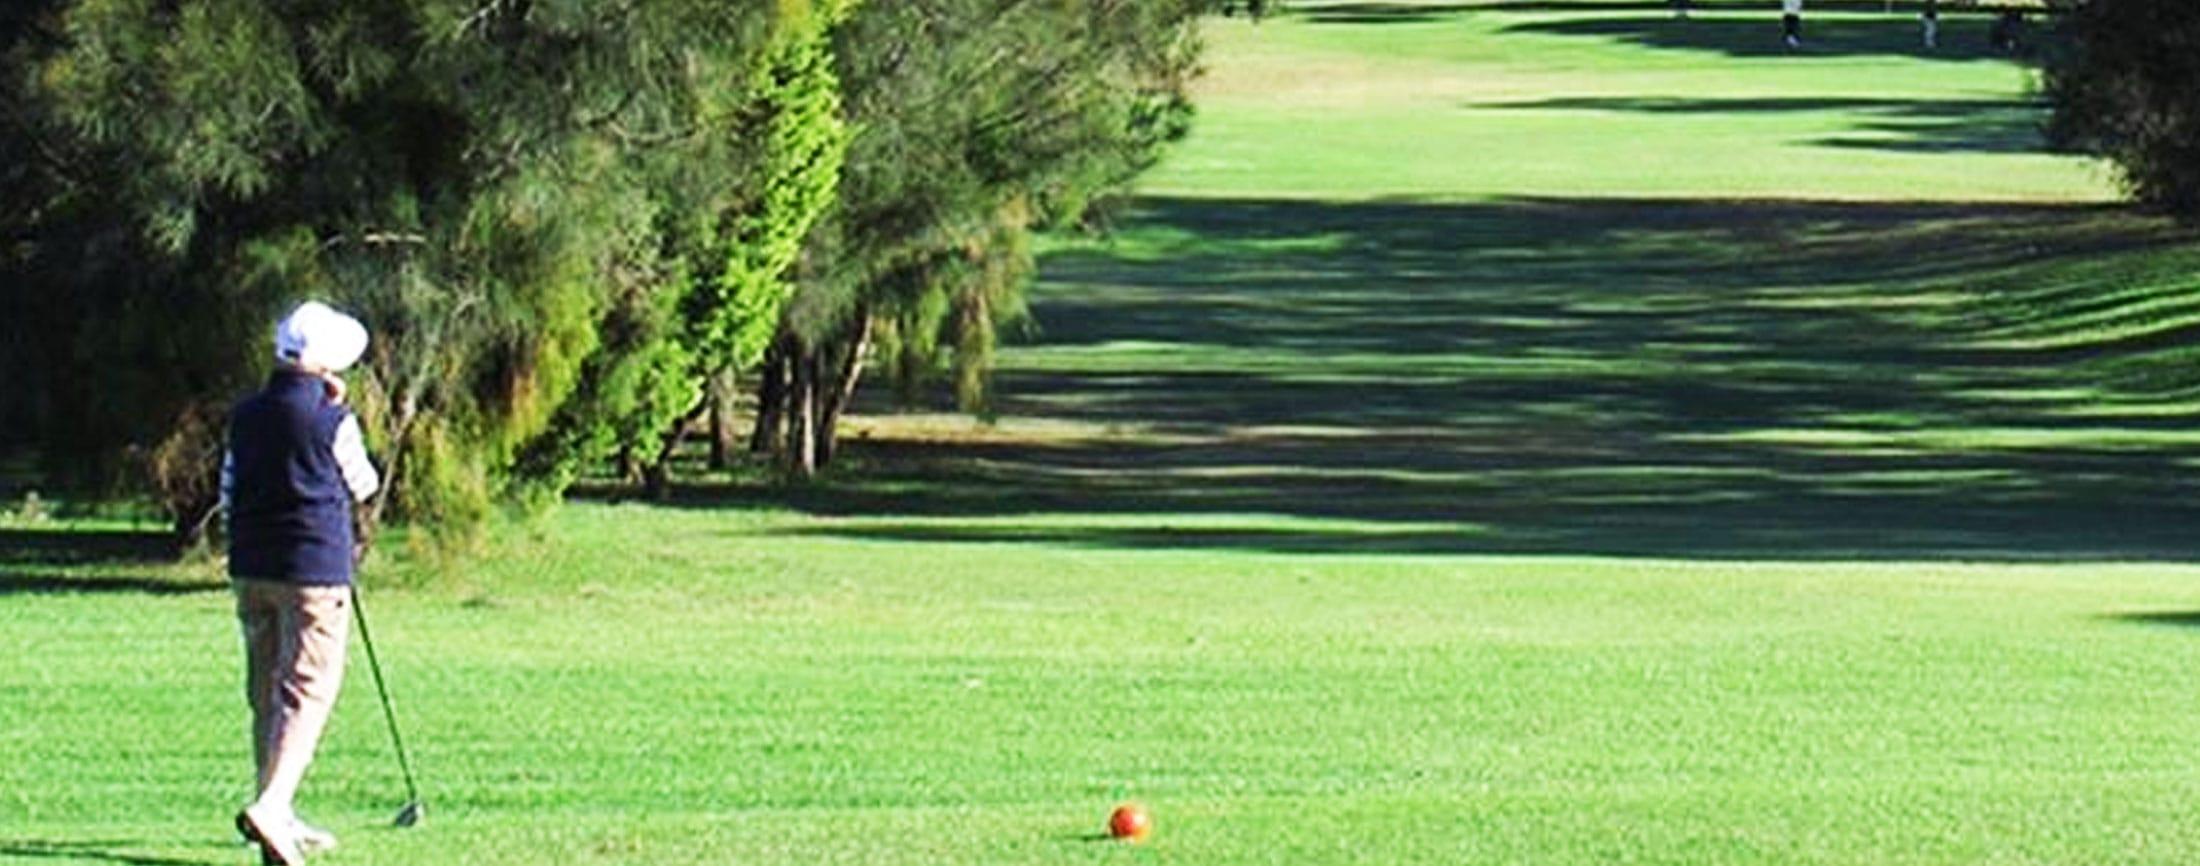 Sefton Golf Club